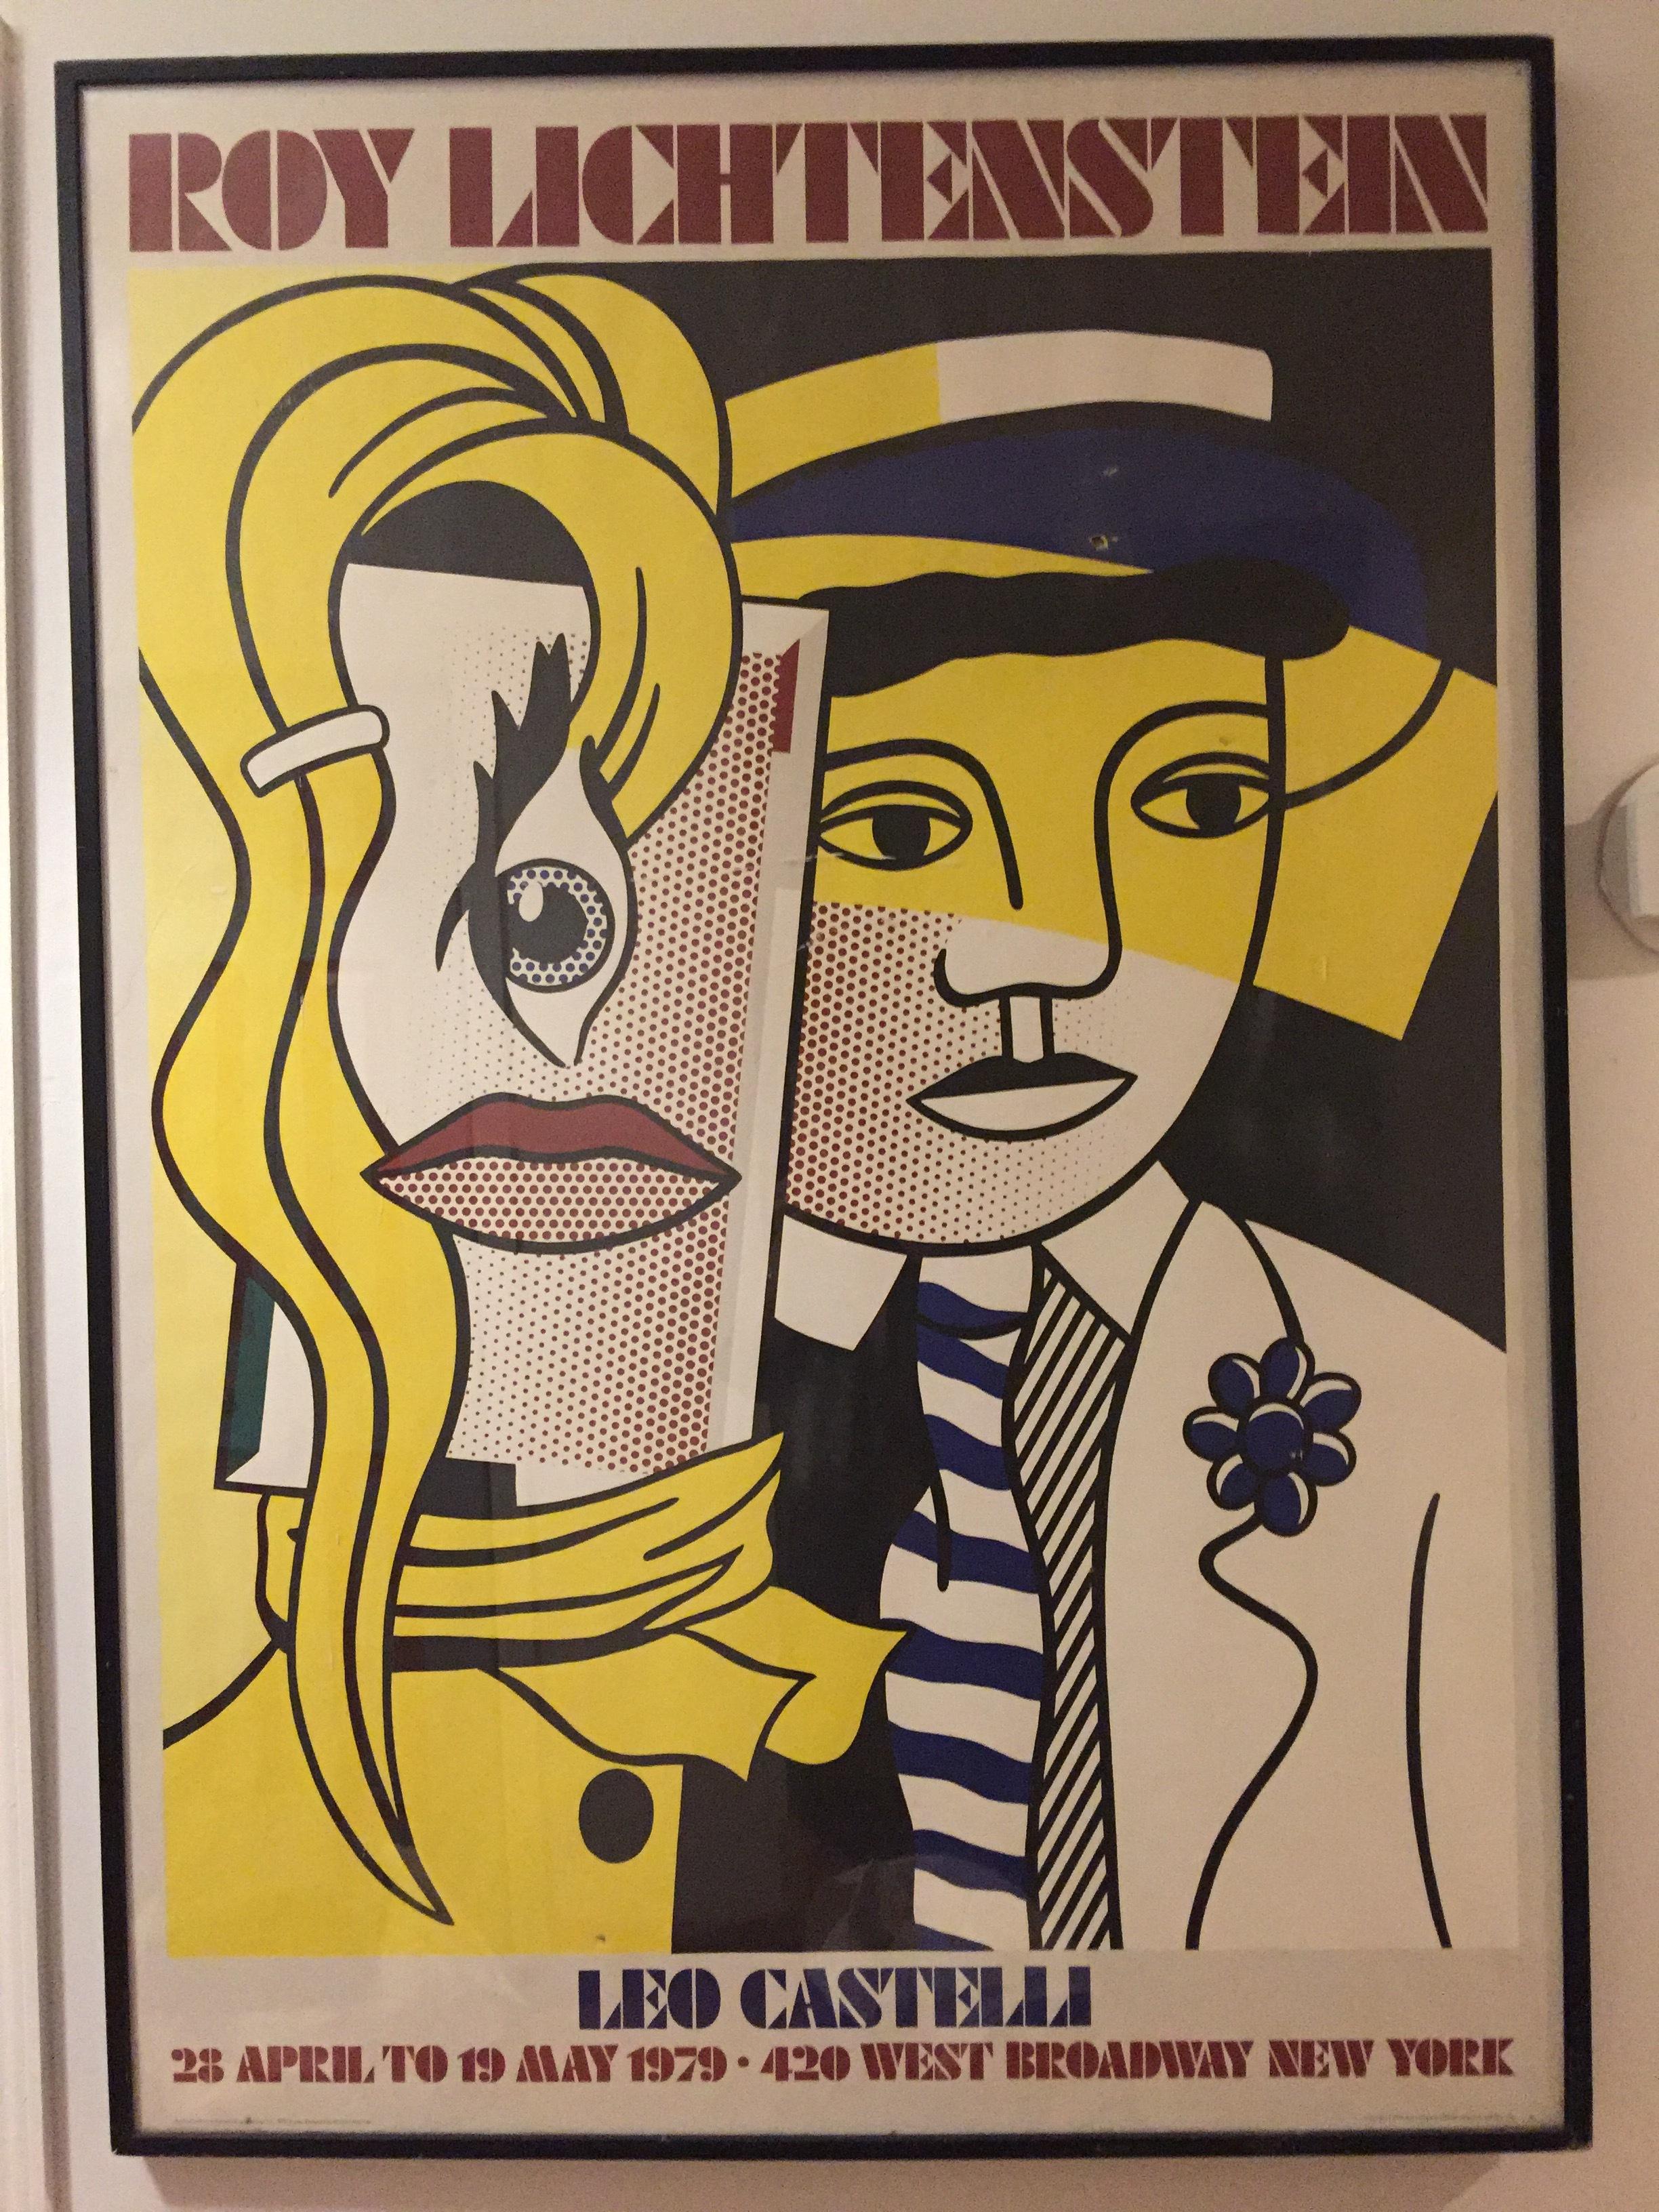 """Roy Lichtenstein - """"Stepping out"""" Leo Castelli silkscreen"""